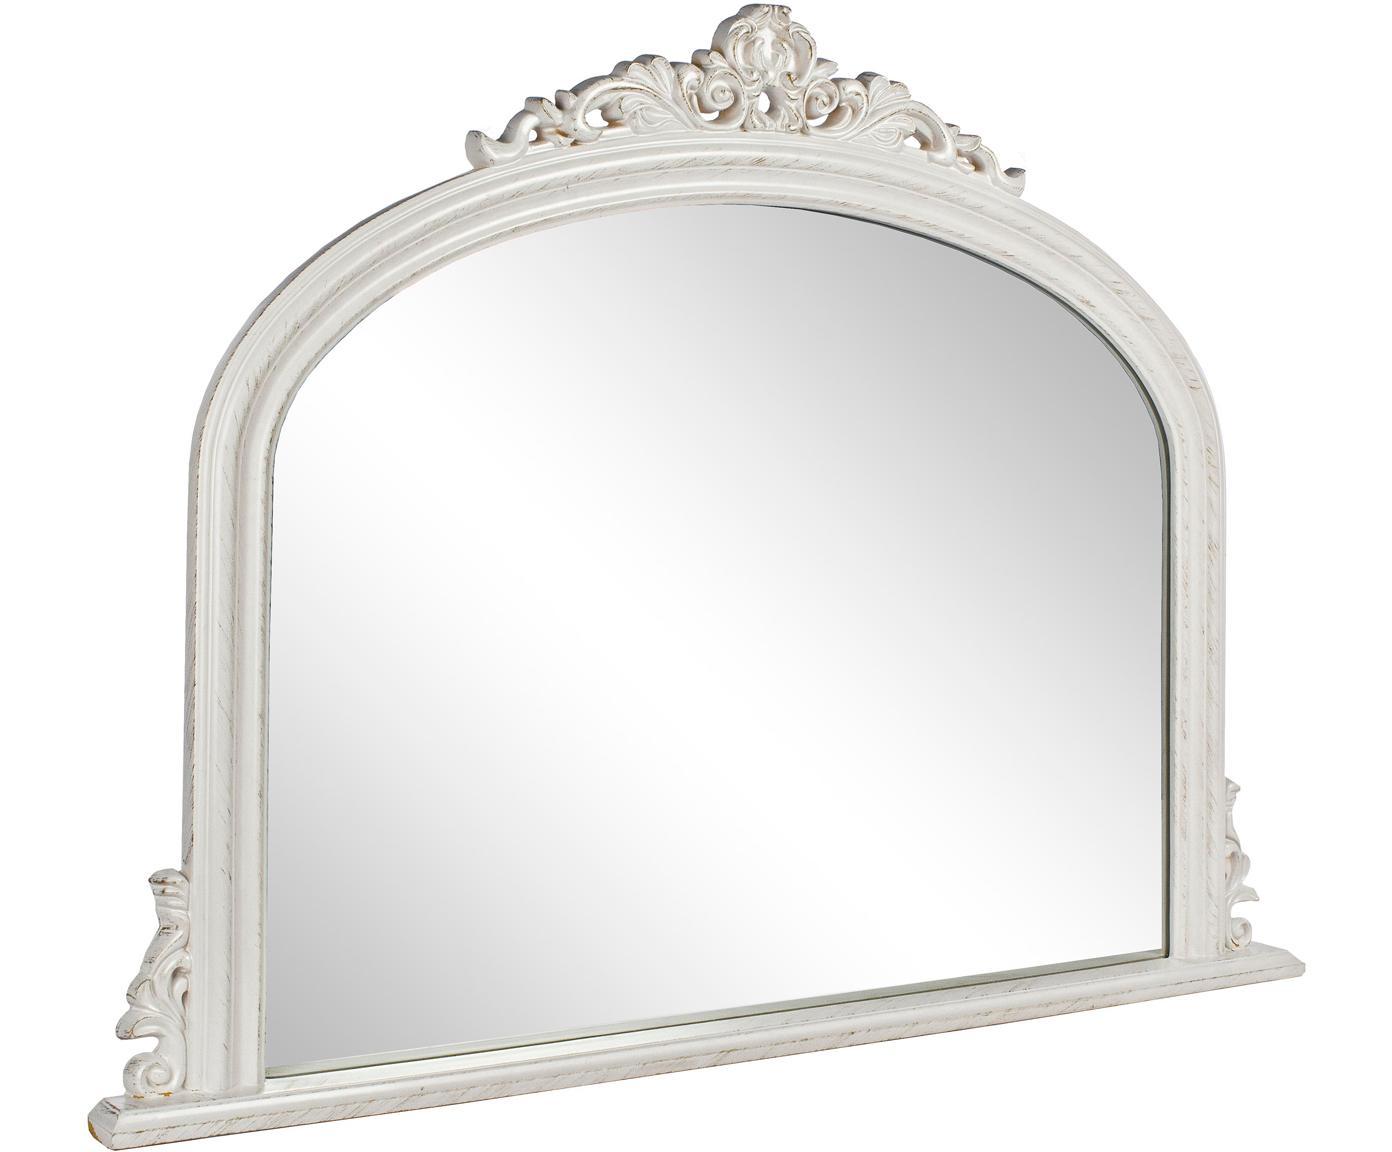 Wandspiegel Miro, Rahmen: Holz, beschichtet, Spiegelfläche: Spiegelglas, Weiß, 120 x 90 cm